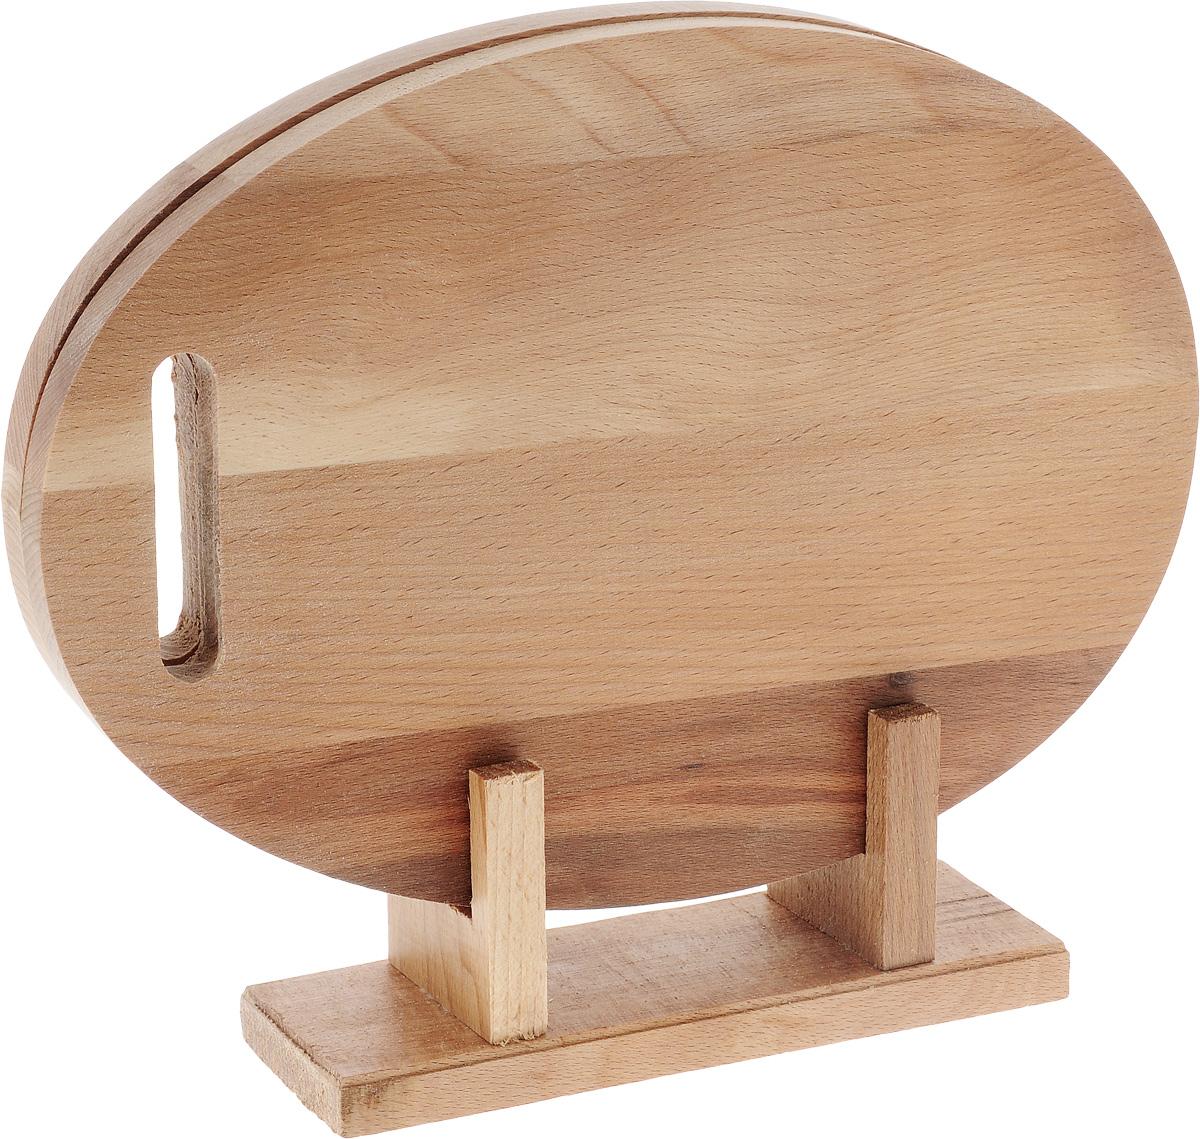 Набор досок разделочных Хозяюшка, на подставке, цвет: темно-бежевый, 2 шт30-92Набор разделочных досок Хозяюшка станет незаменимым атрибутом приготовления пищи. Доски изготовлены из первоклассной высокопрочной древесины бука и идеально подходят для нарезки любых продуктов, а особый дизайн их поверхности предотвращает скольжение ножа. Доски снабжены практичной и элегантной подставкой. Современный стильный дизайн и функциональность позволят набору занять достойное место на вашей кухне. Не рекомендуется мыть в посудомоечной машине и долго замачивать в воде. Размер доски: 32 х 22 х 1 см. Размер подставки: 21 х 7 х 8,5 см.